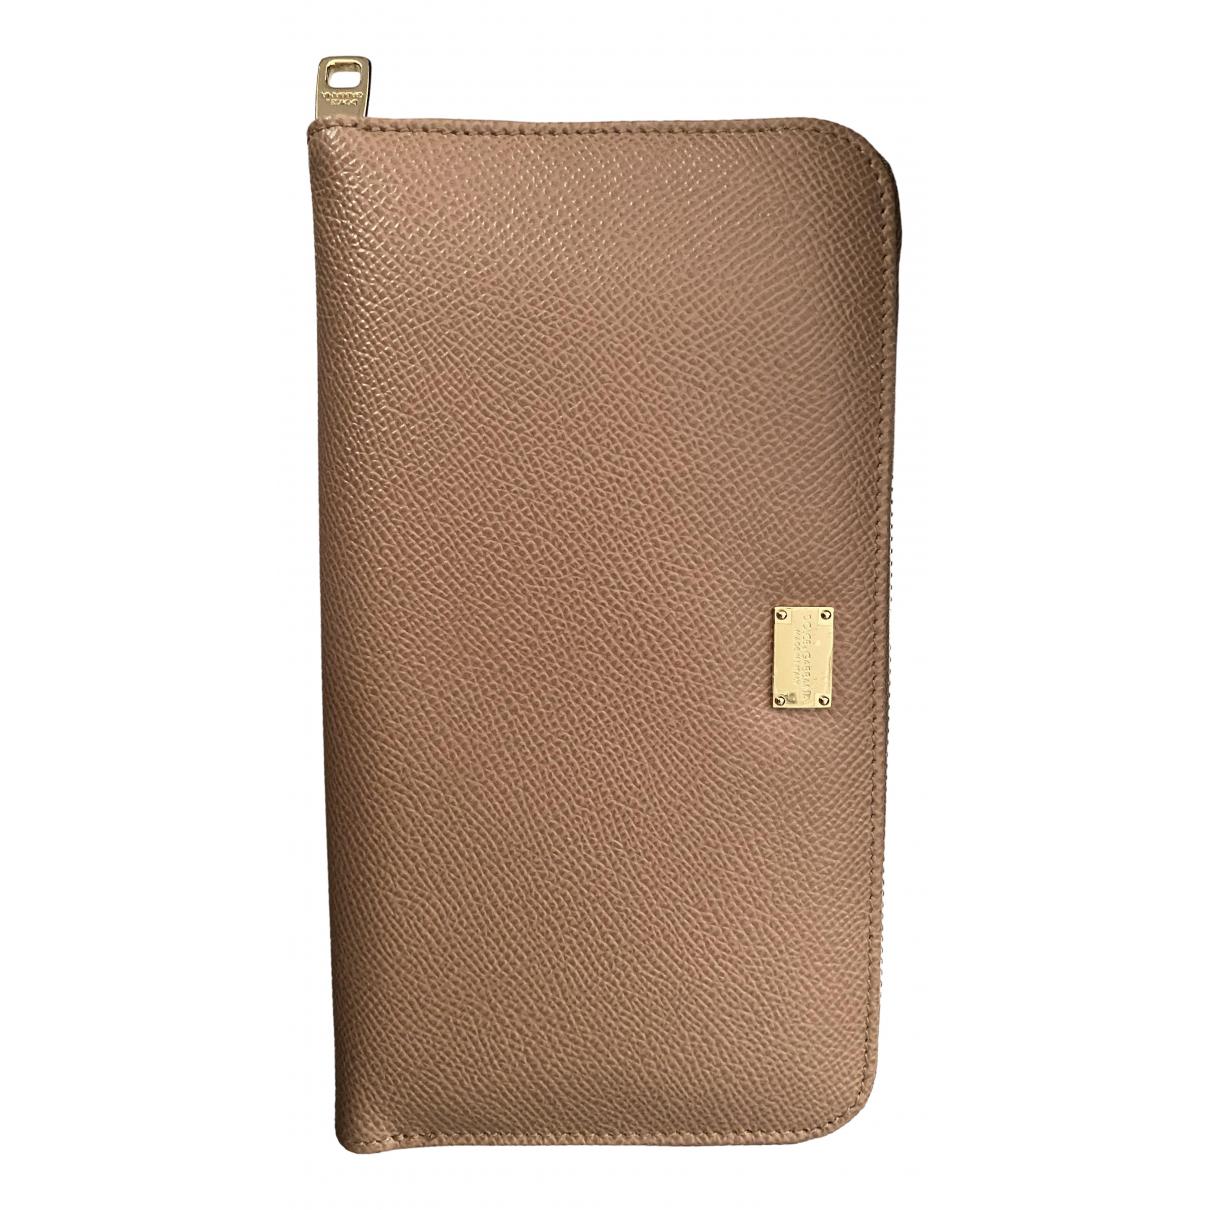 Dolce & Gabbana - Portefeuille   pour femme en cuir - beige